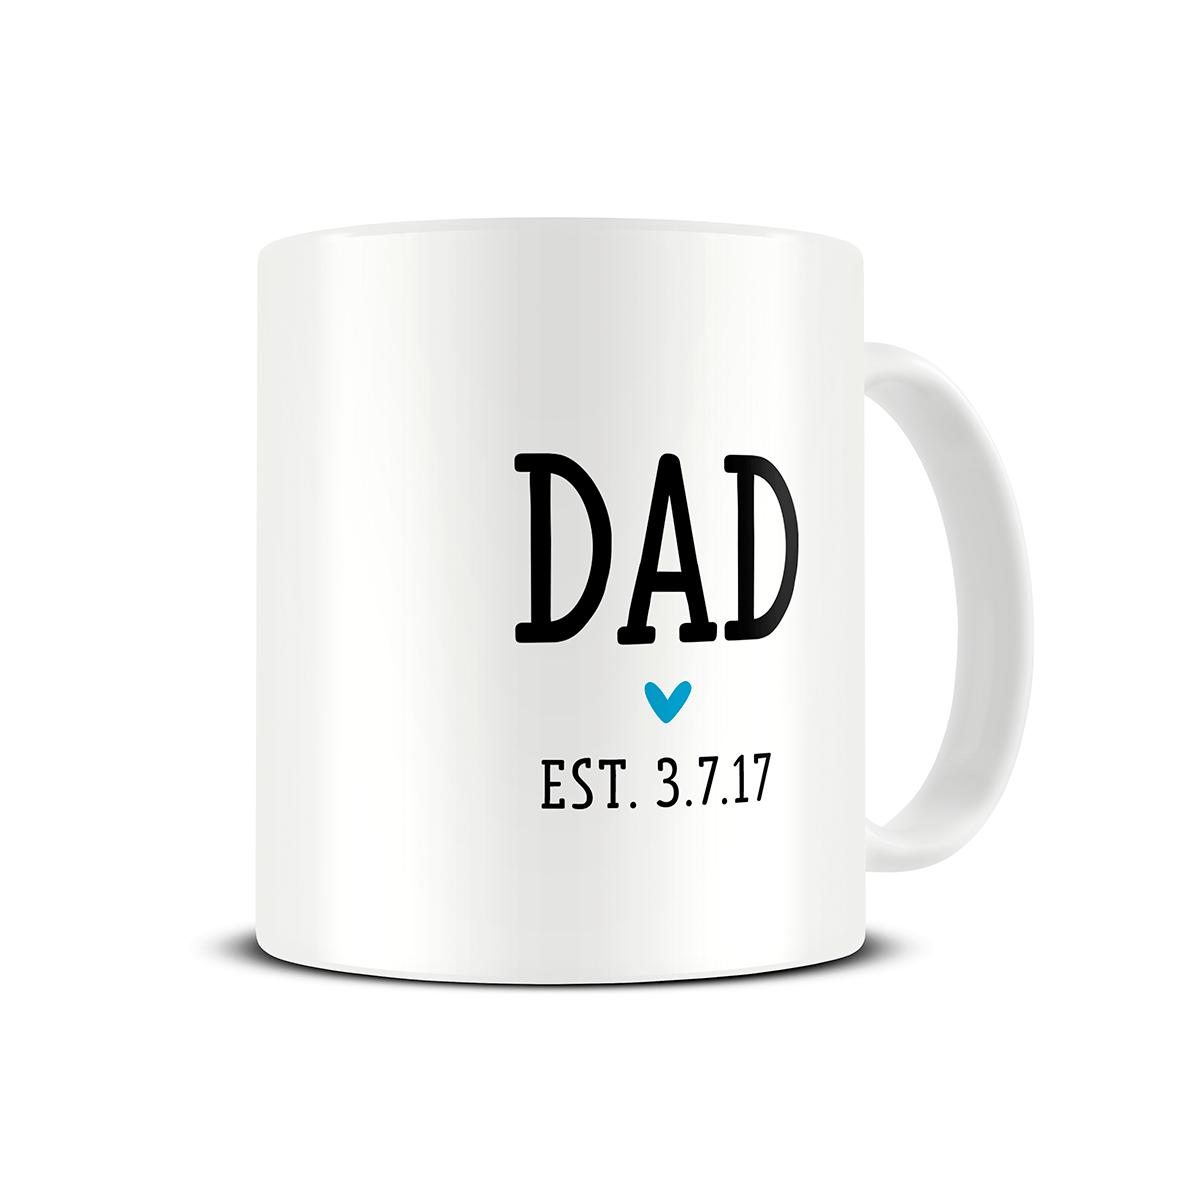 dad-est-mug-gift-for-new-dad